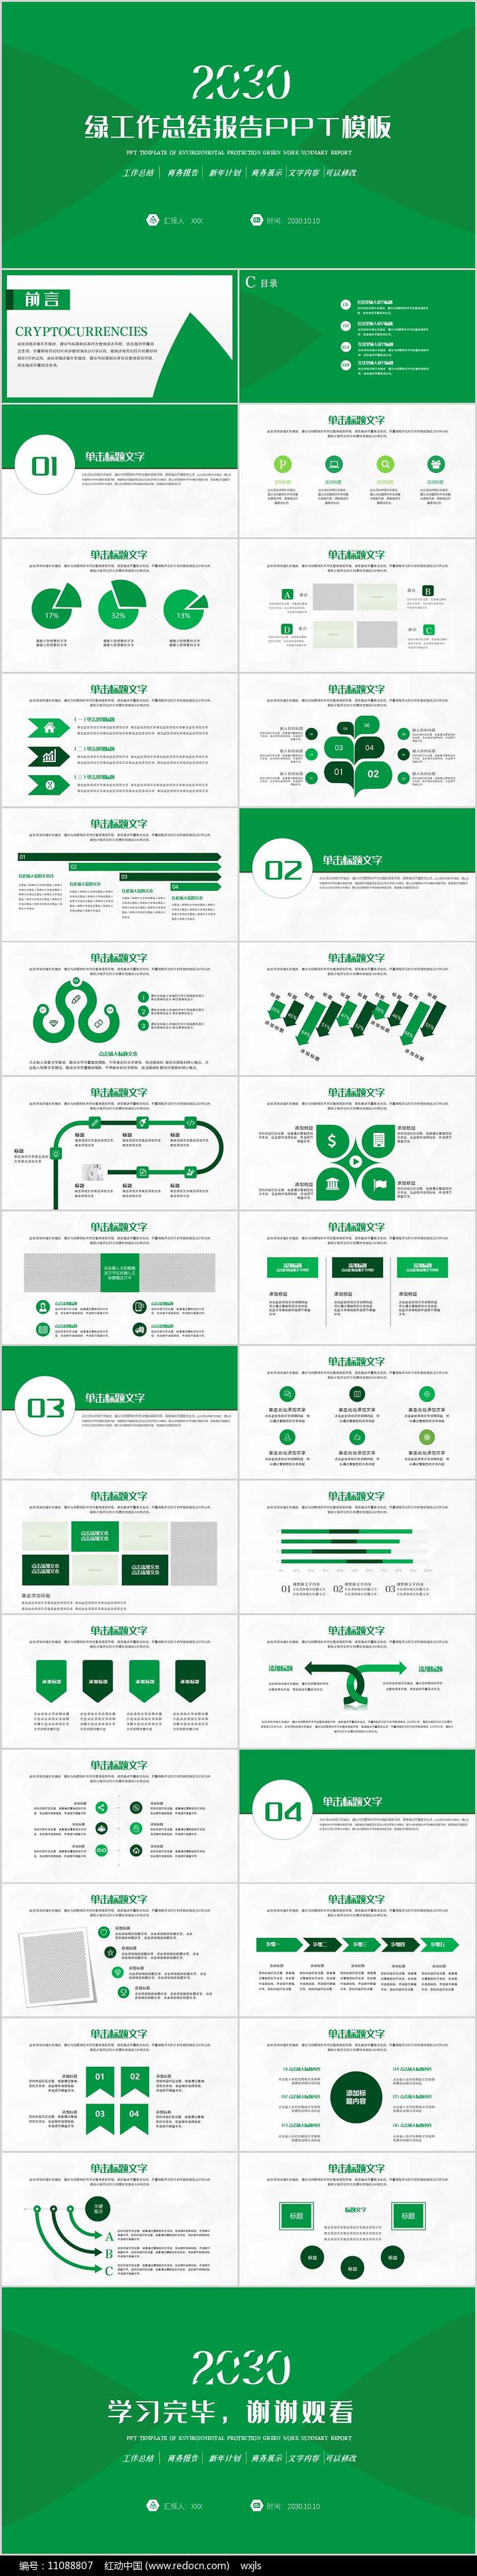 绿色树叶商务通用年终工作总结PPT模板图片